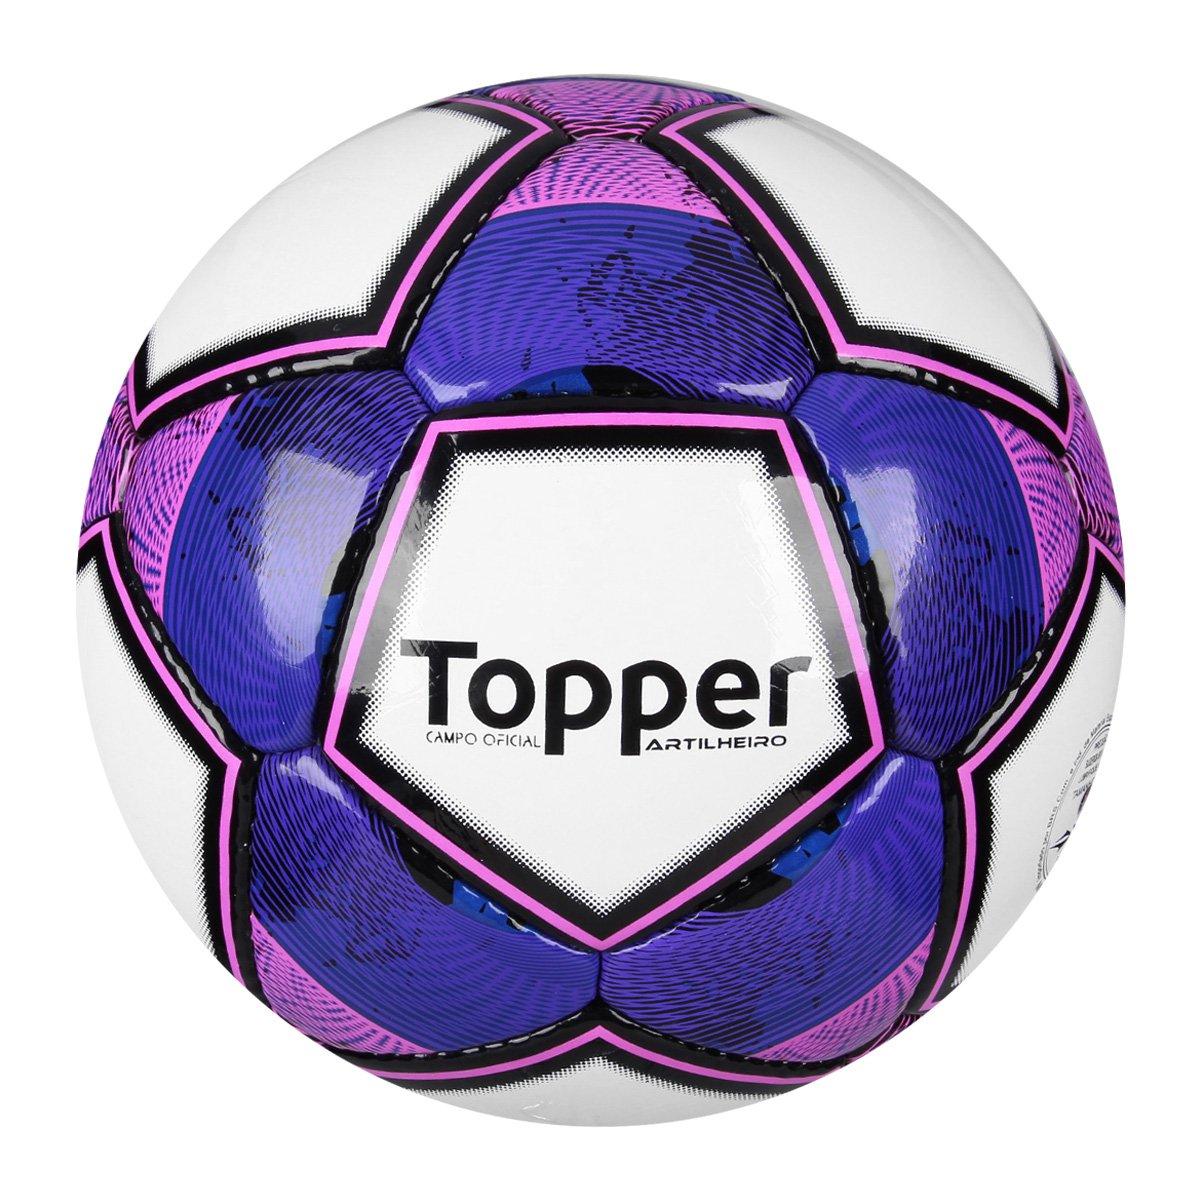 22670abf1e Bola Topper Artilheiro Campo